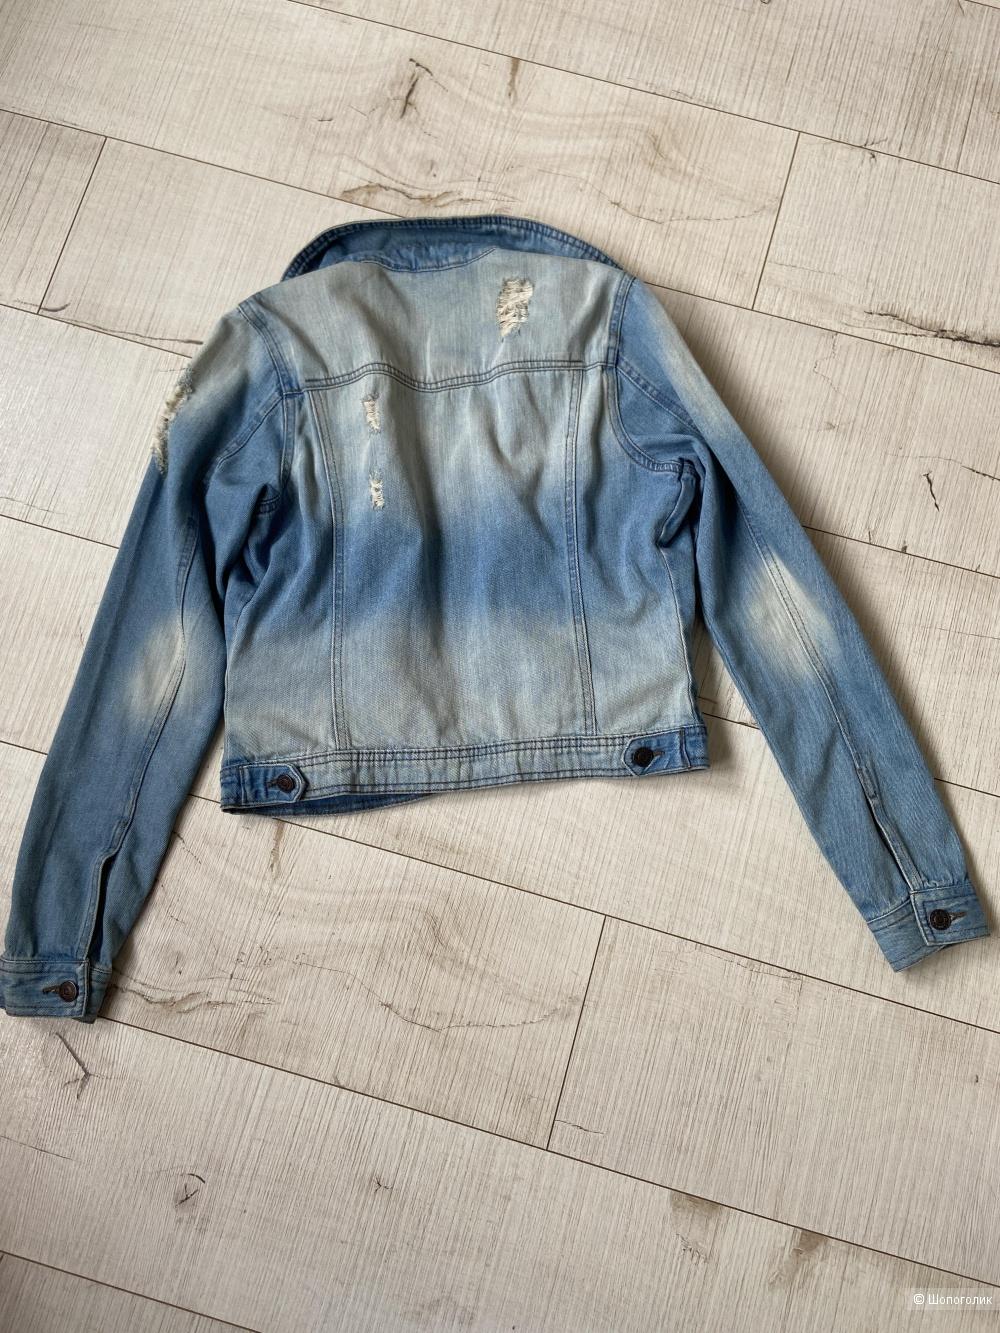 Джинсовая куртка Vero moda, размер 42-44